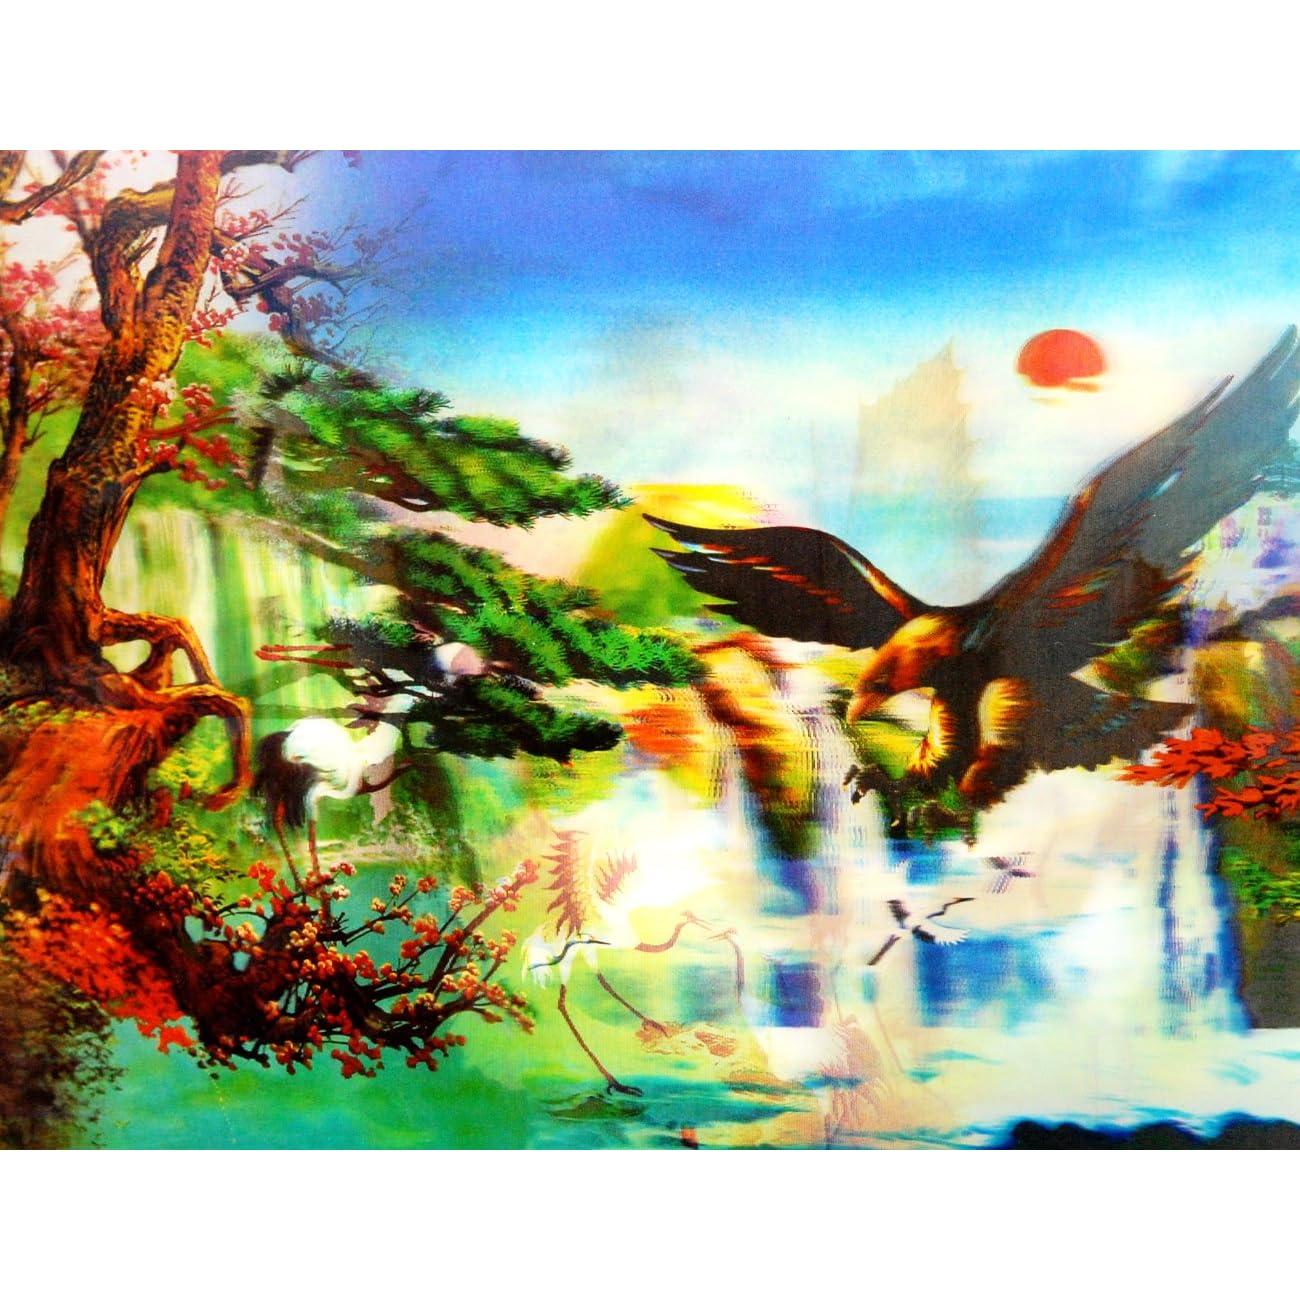 彩风景画_中国极彩风景画 3d立体画